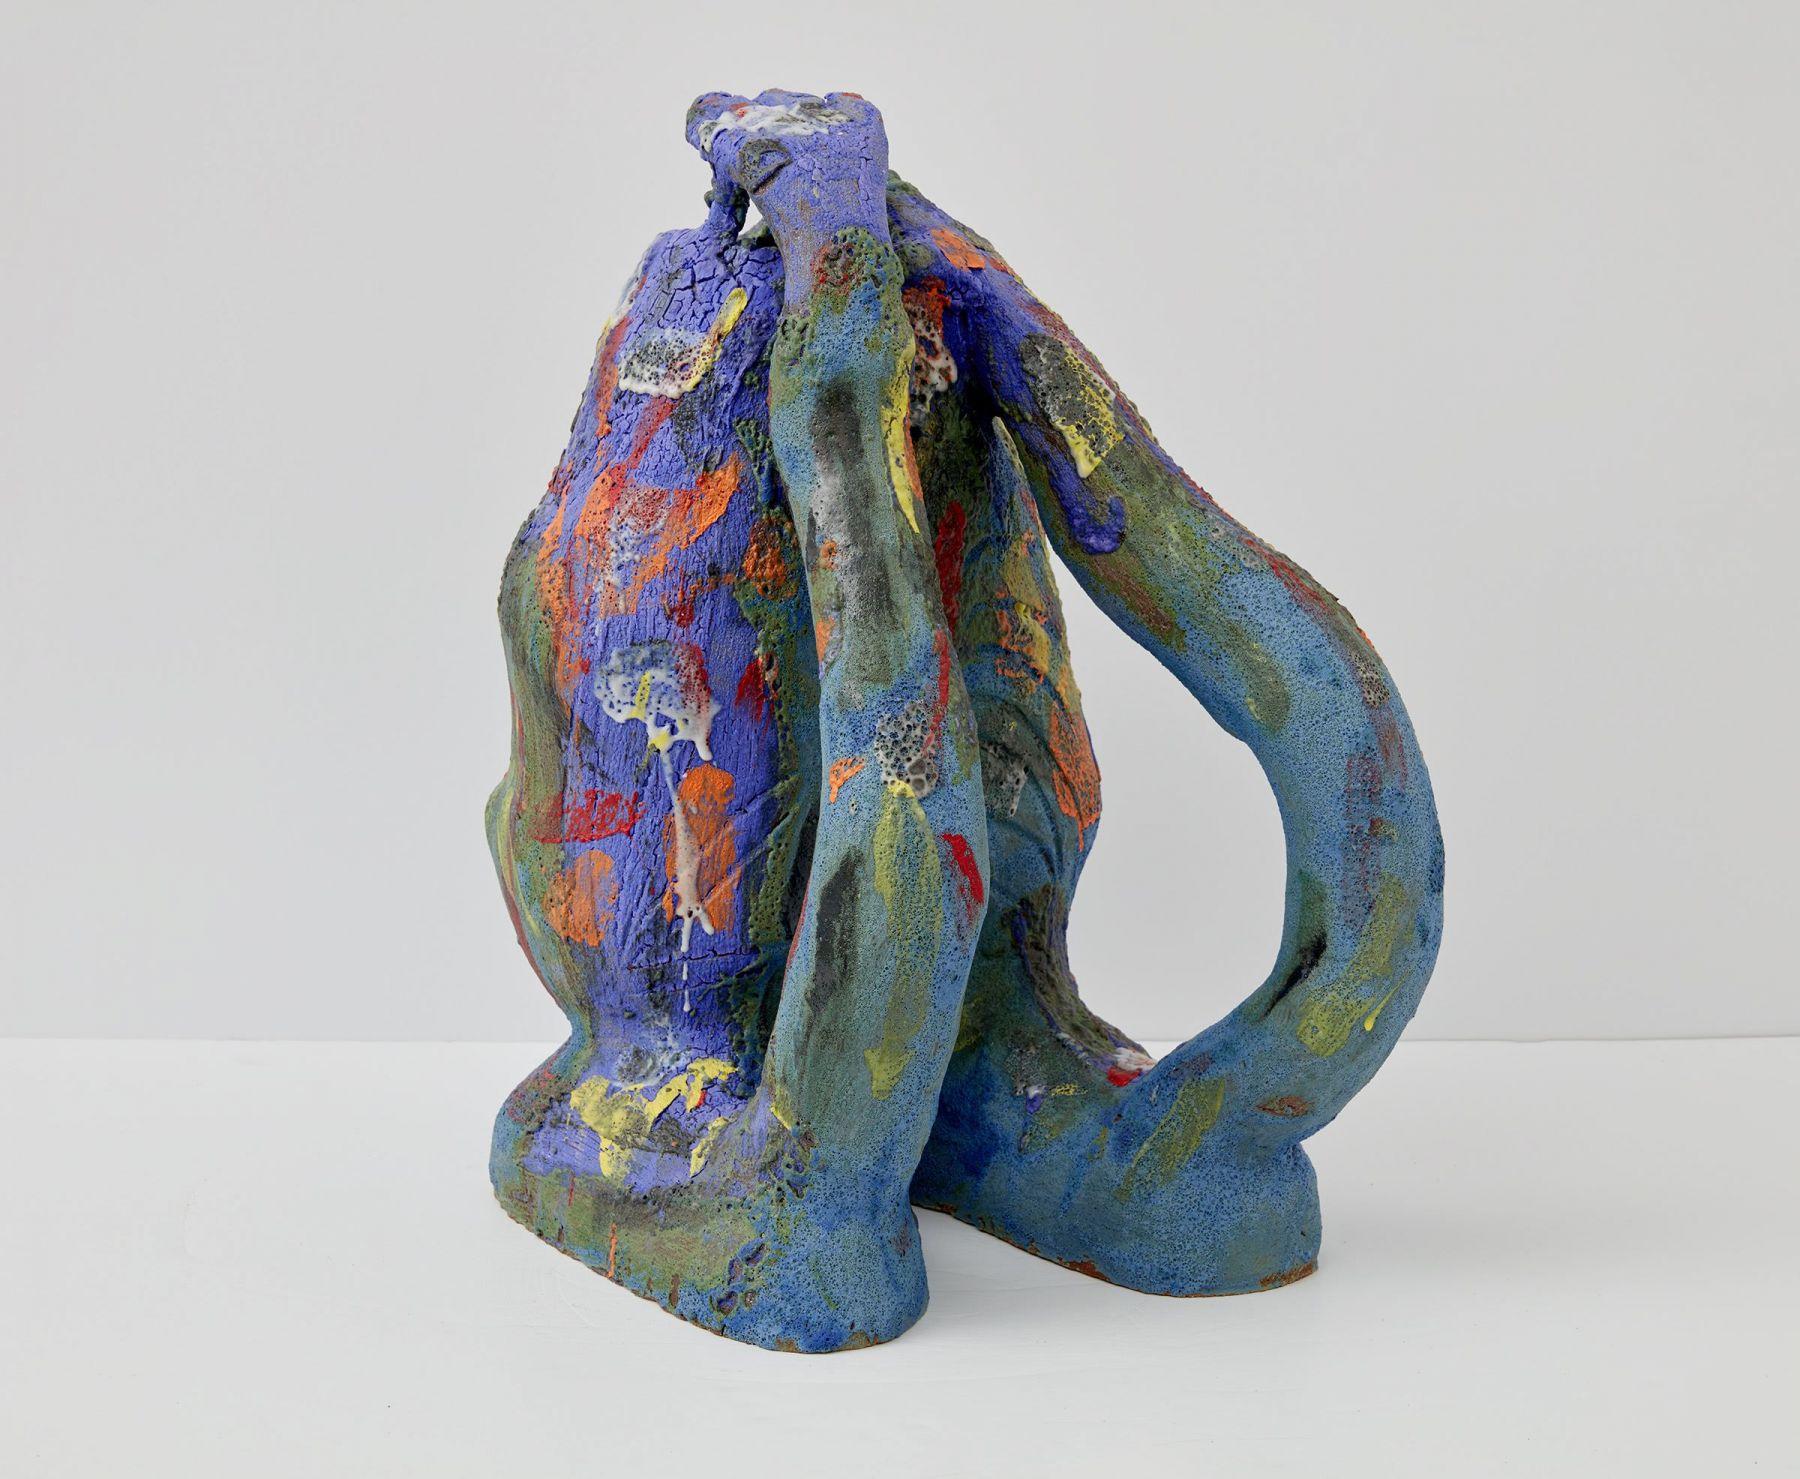 a ceramic sculpture by the ceramics artist william j. o'brien